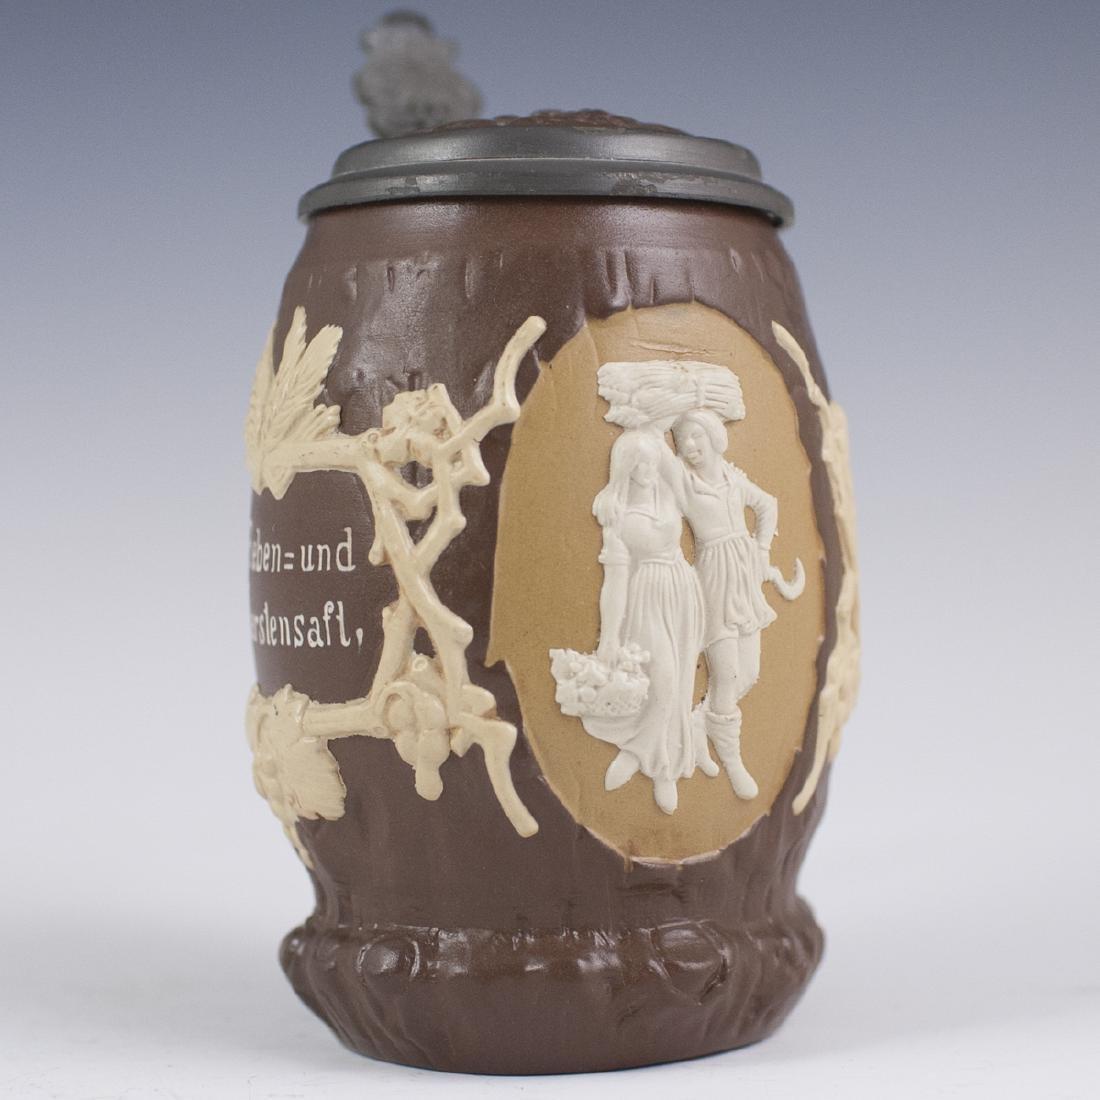 Antique Villeroy & Boch Porcelain Beer Stein - 2